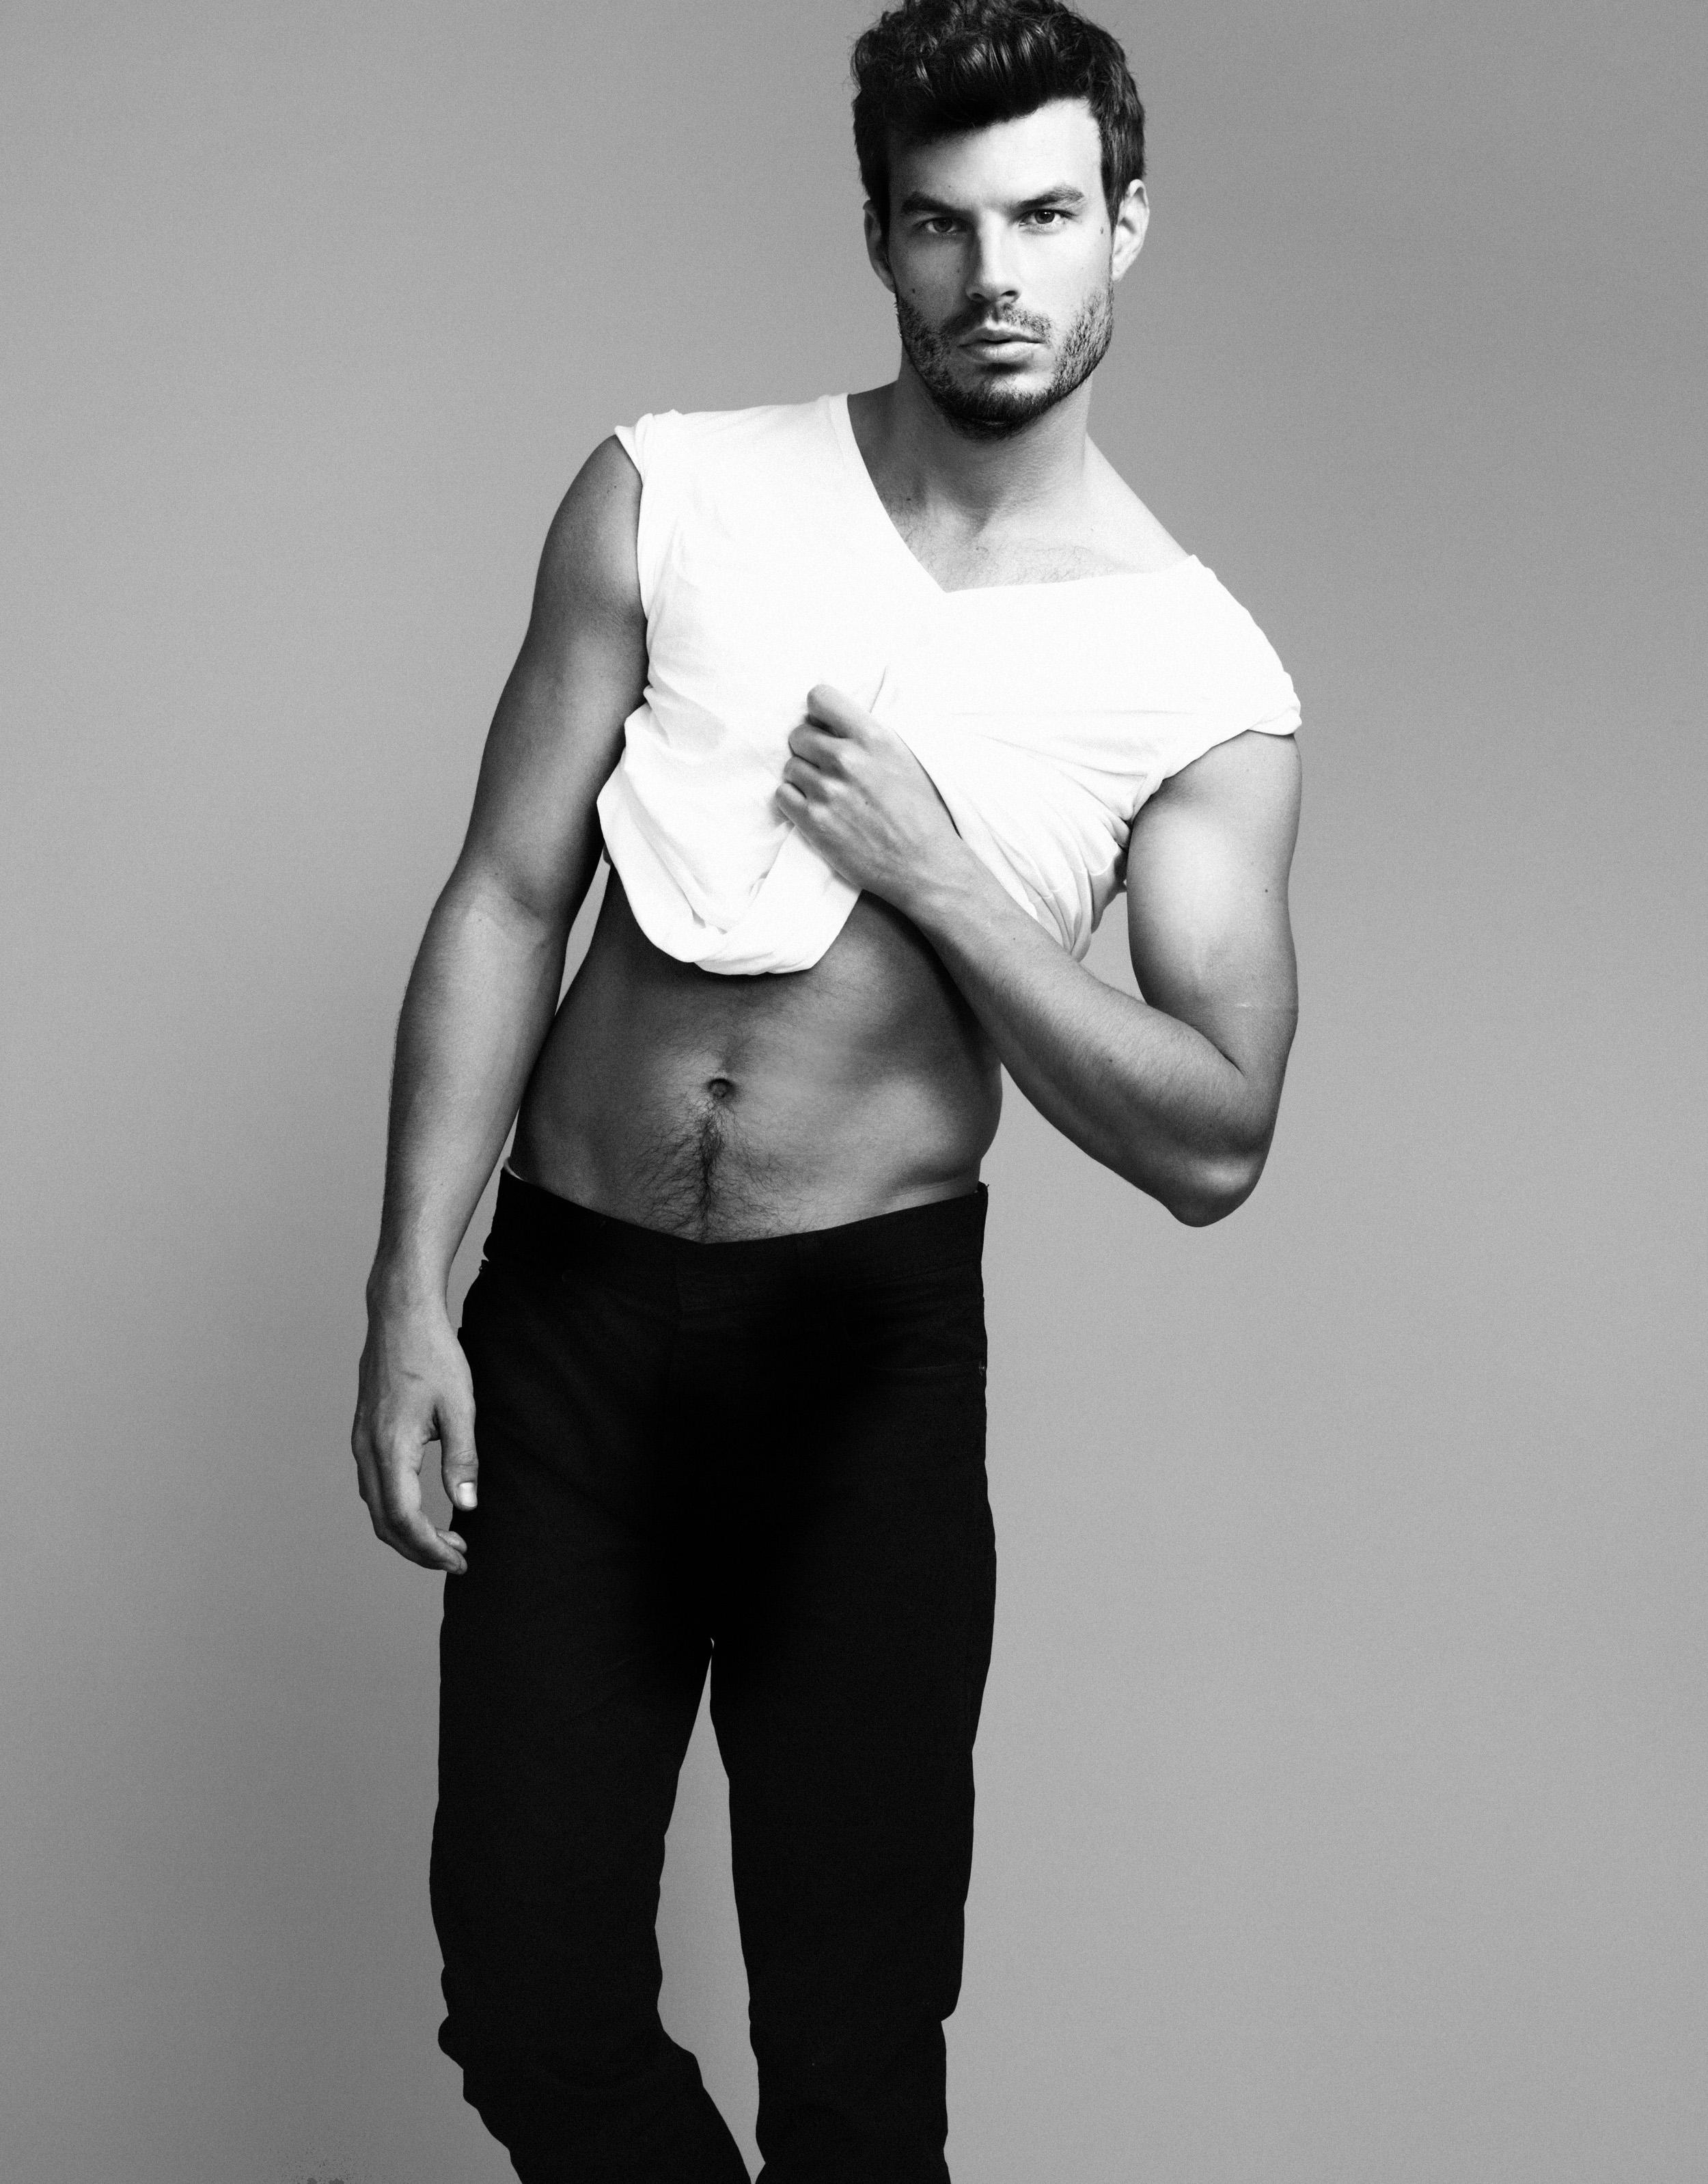 Alex_Gasperetti_-la_models-10